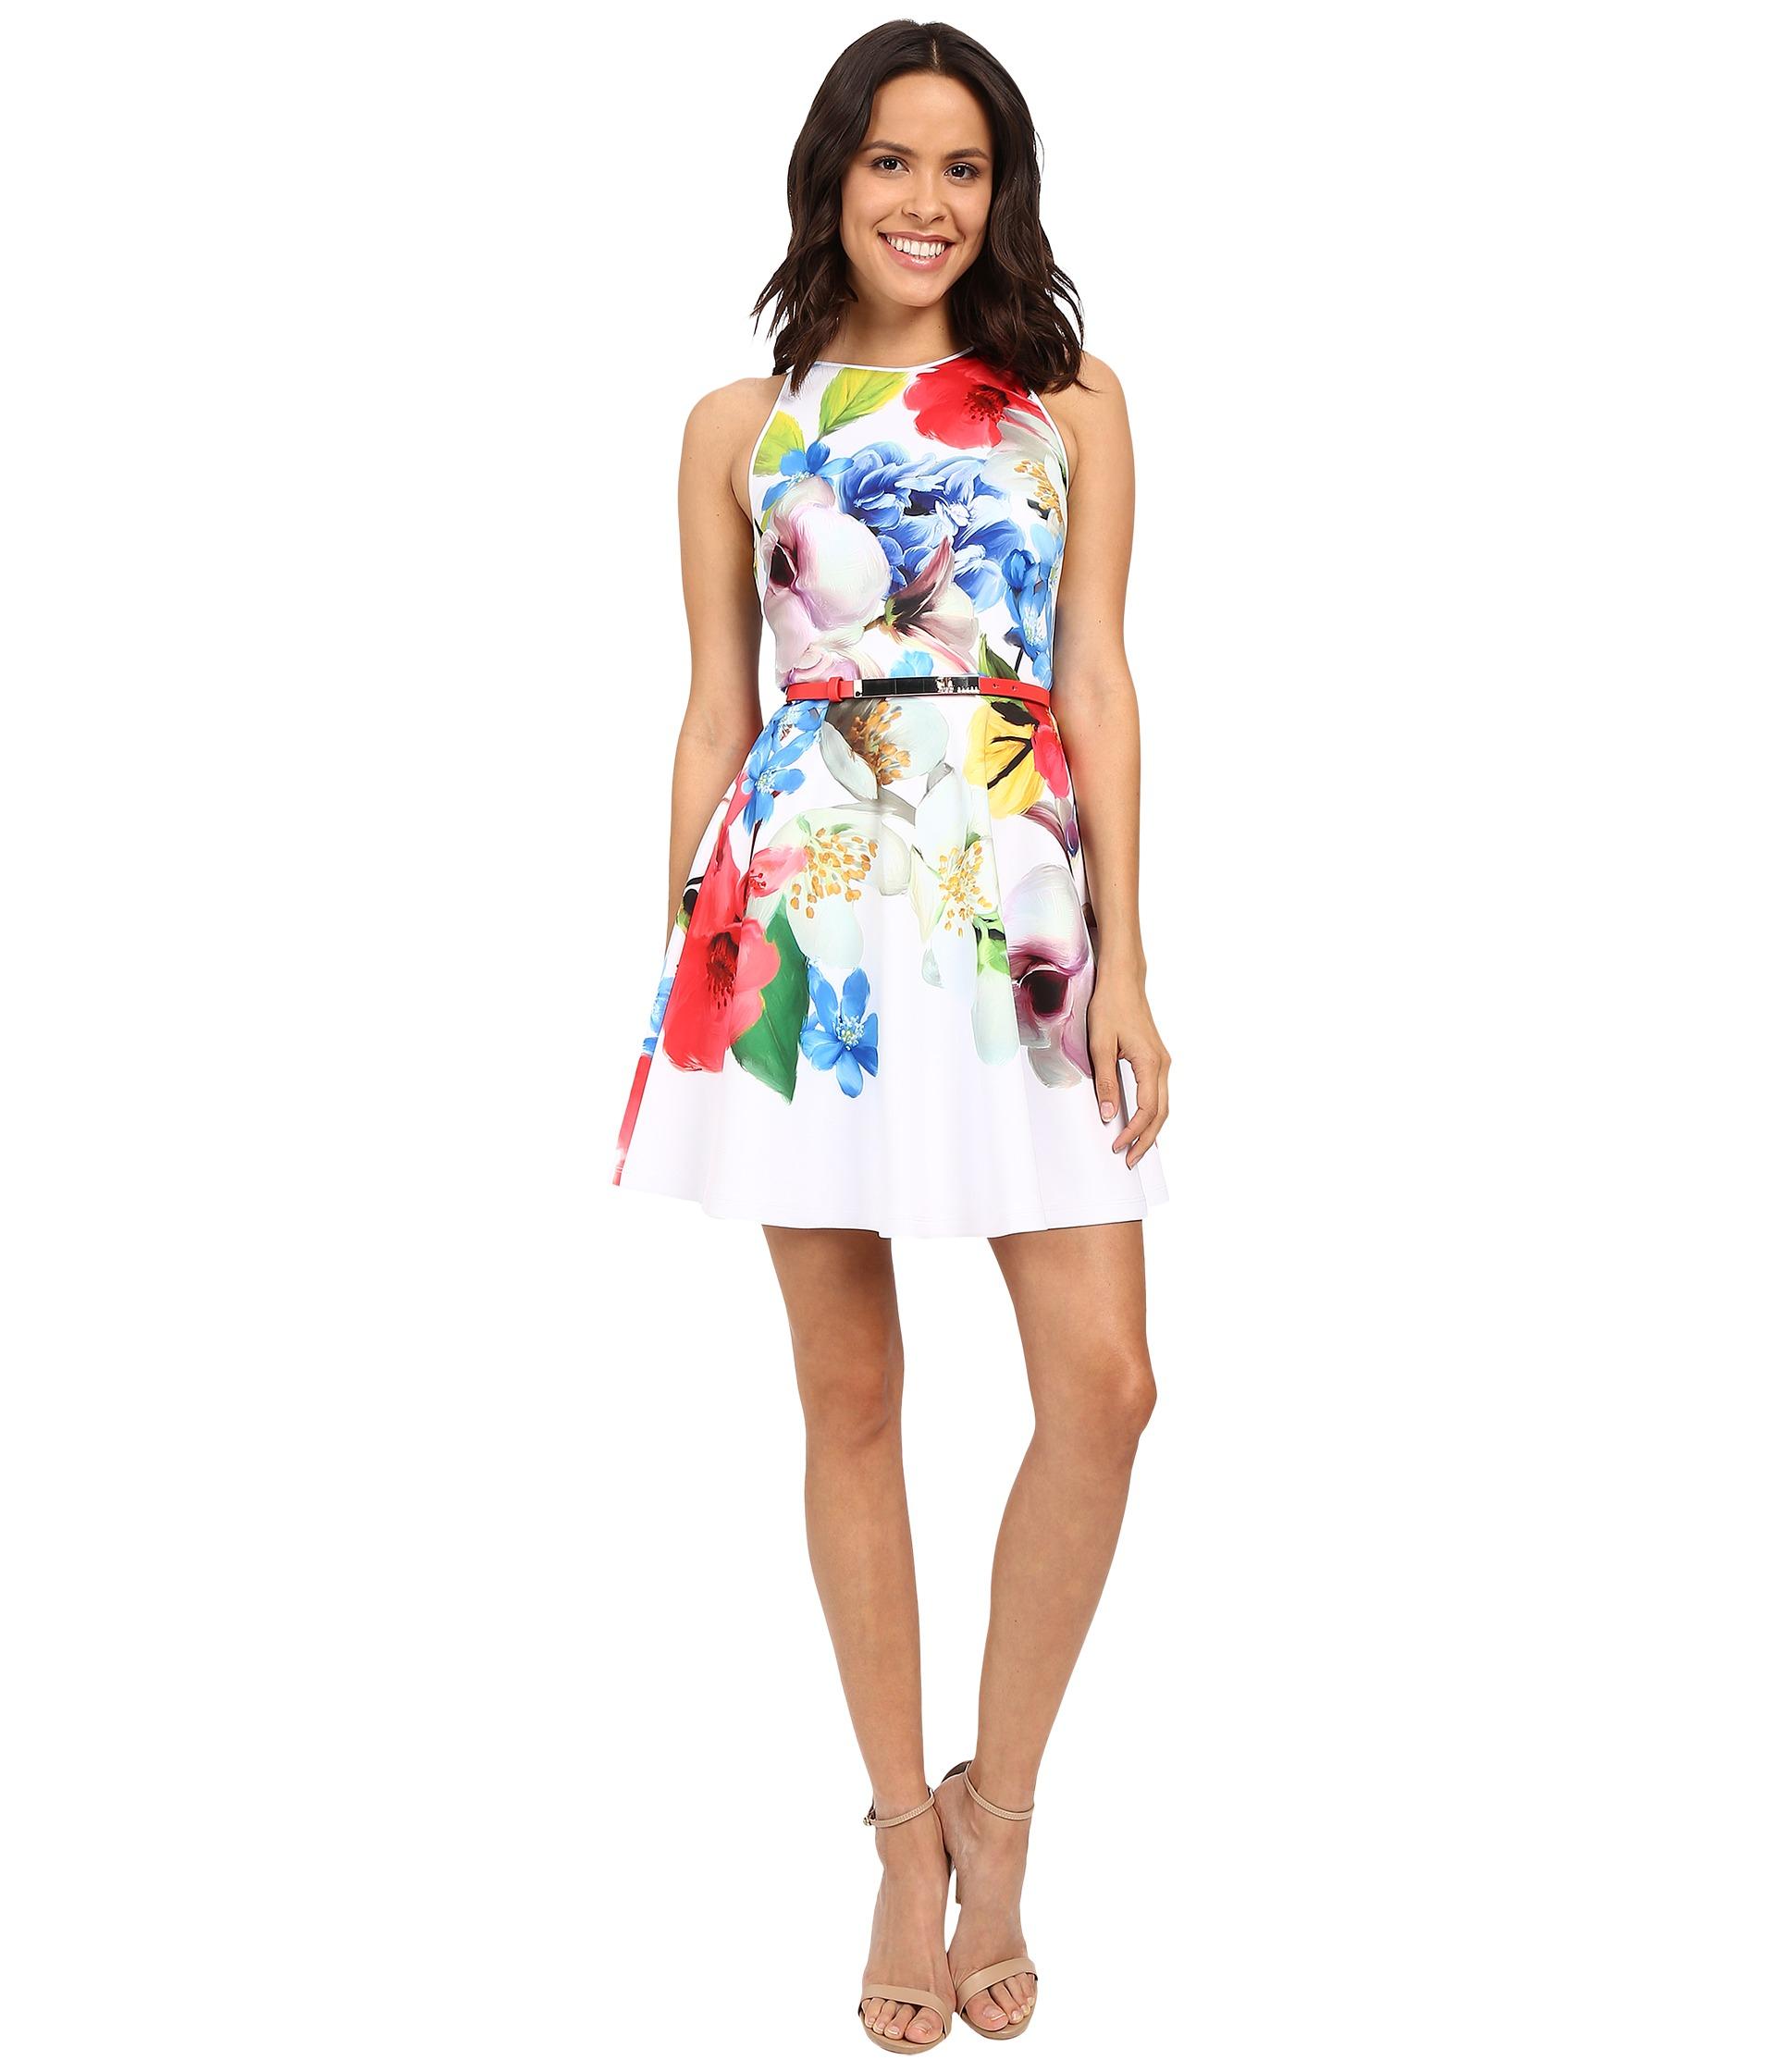 Ted Baker White Flower Dress Best Image Of Flower Mojoimage